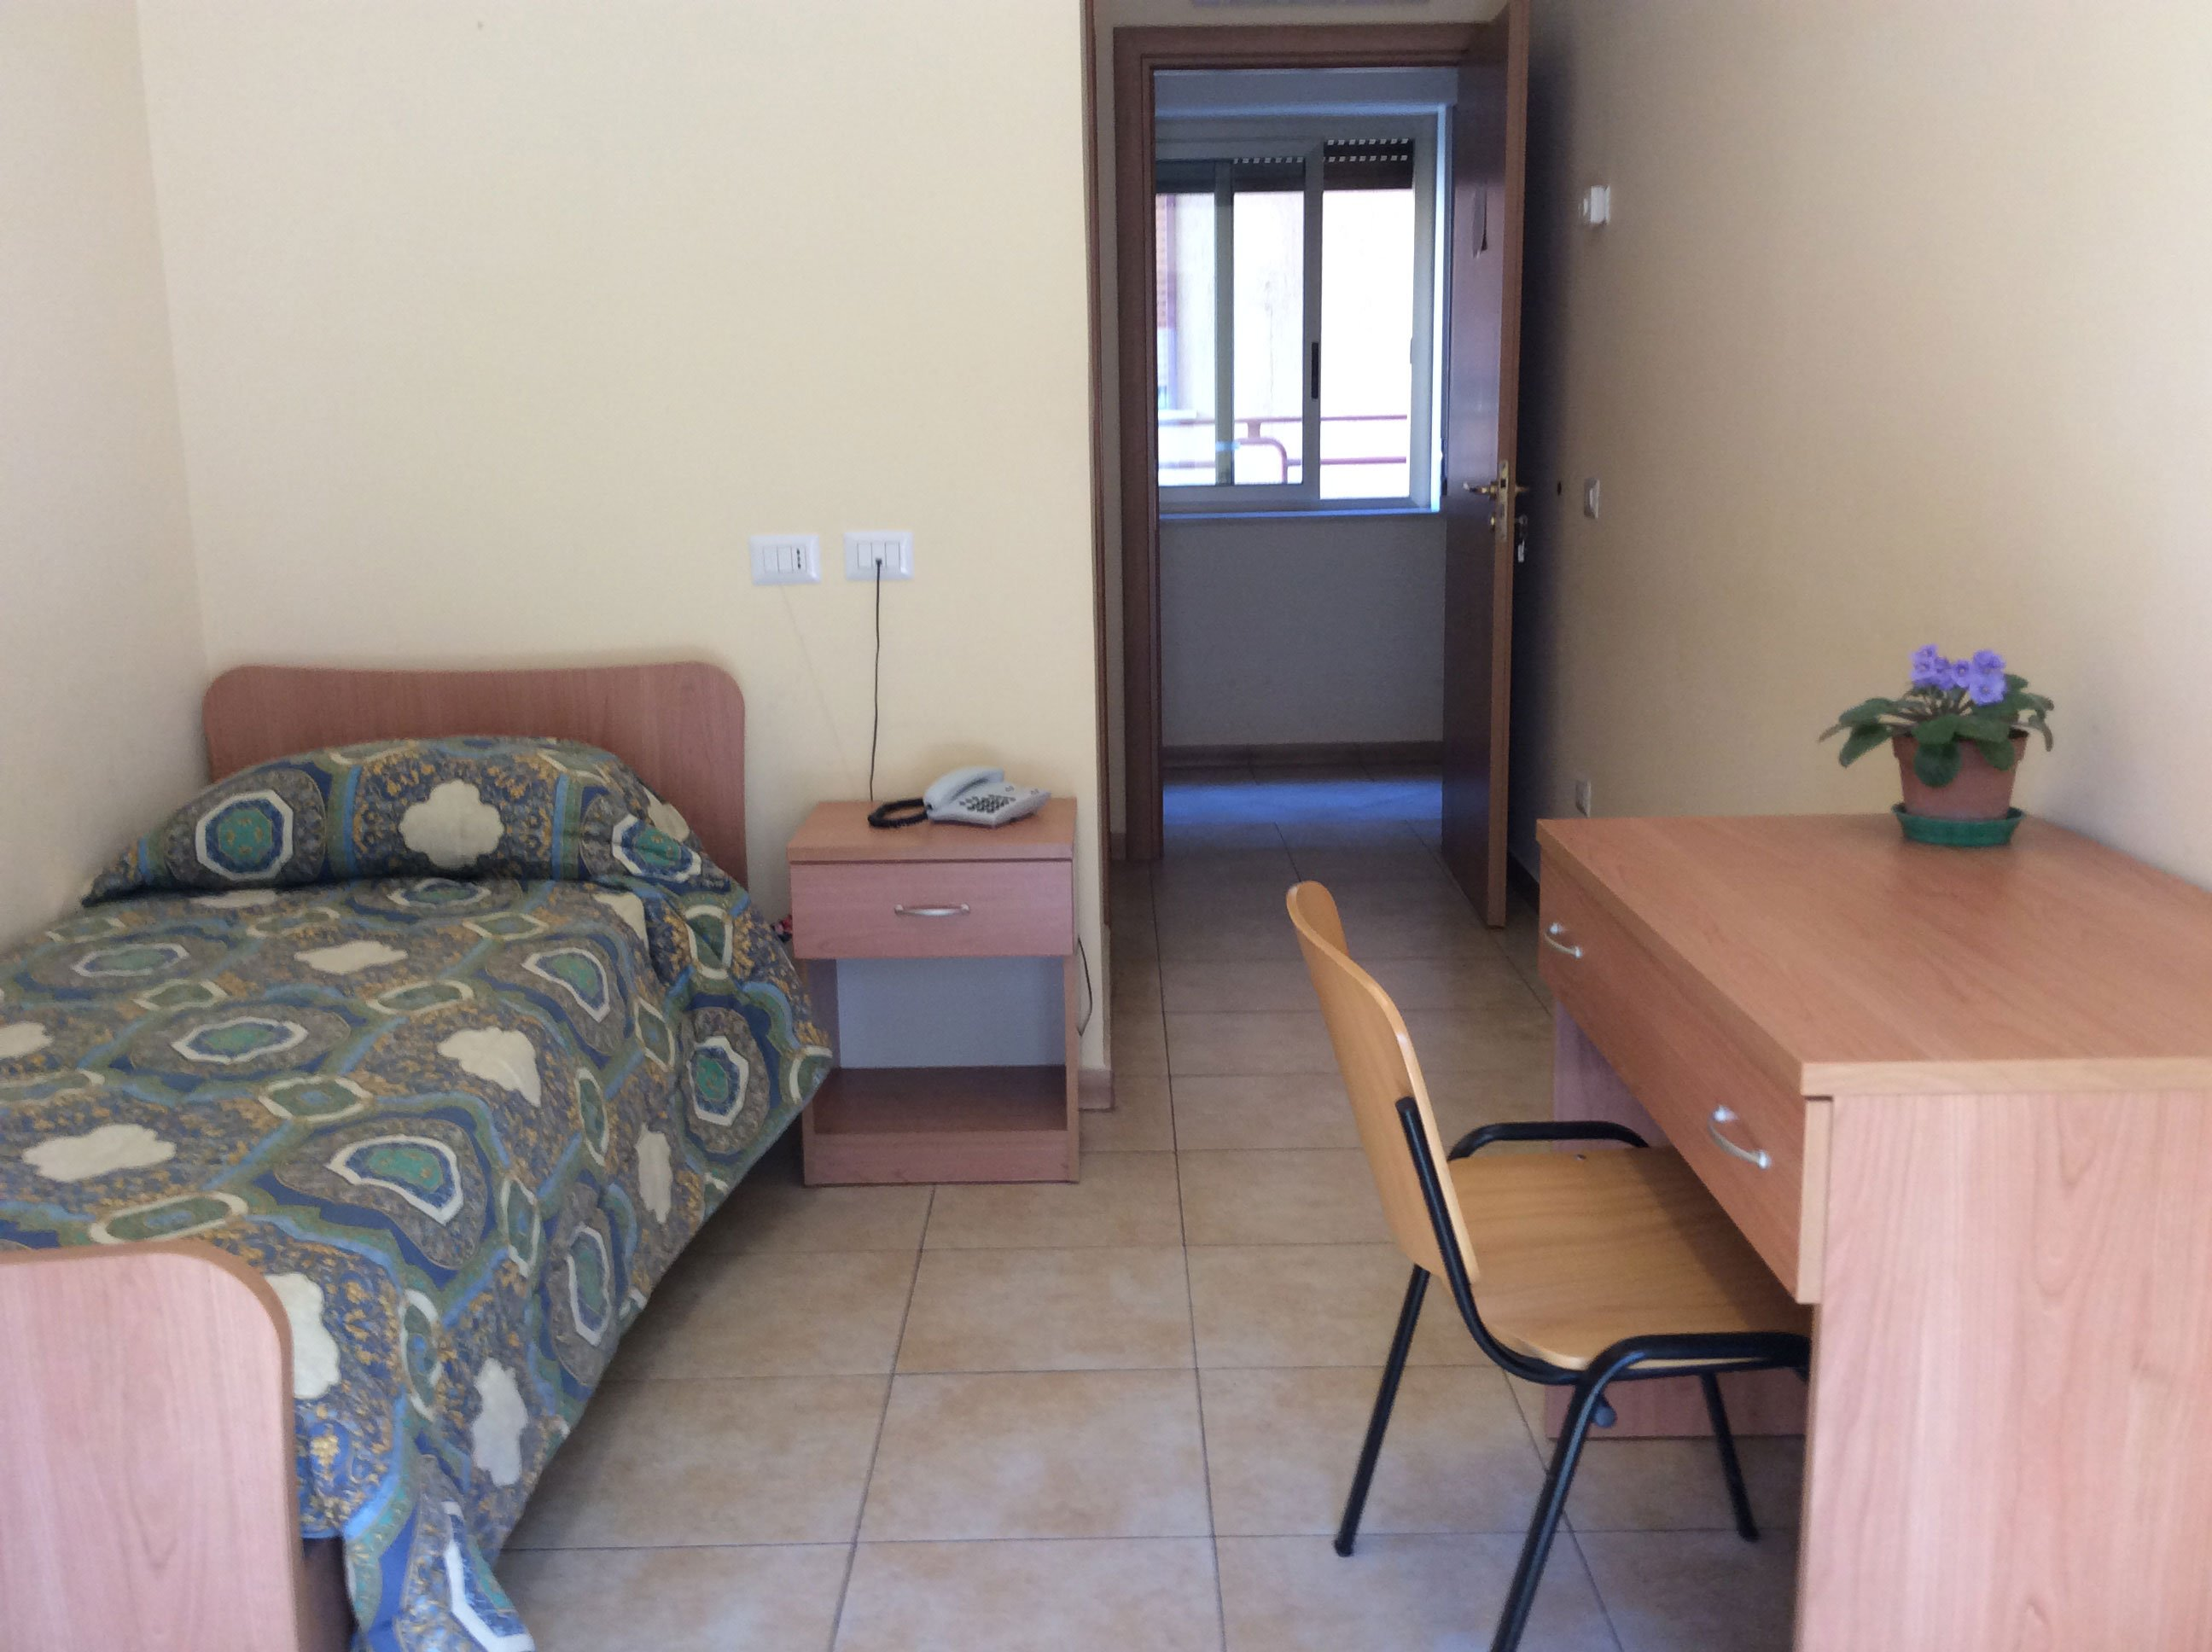 una camera da letto di una casa di riposo con sulla sinistra un letto e un comodino in legno e sulla destra una scrivania con sopra un vaso di fiori e una sedia